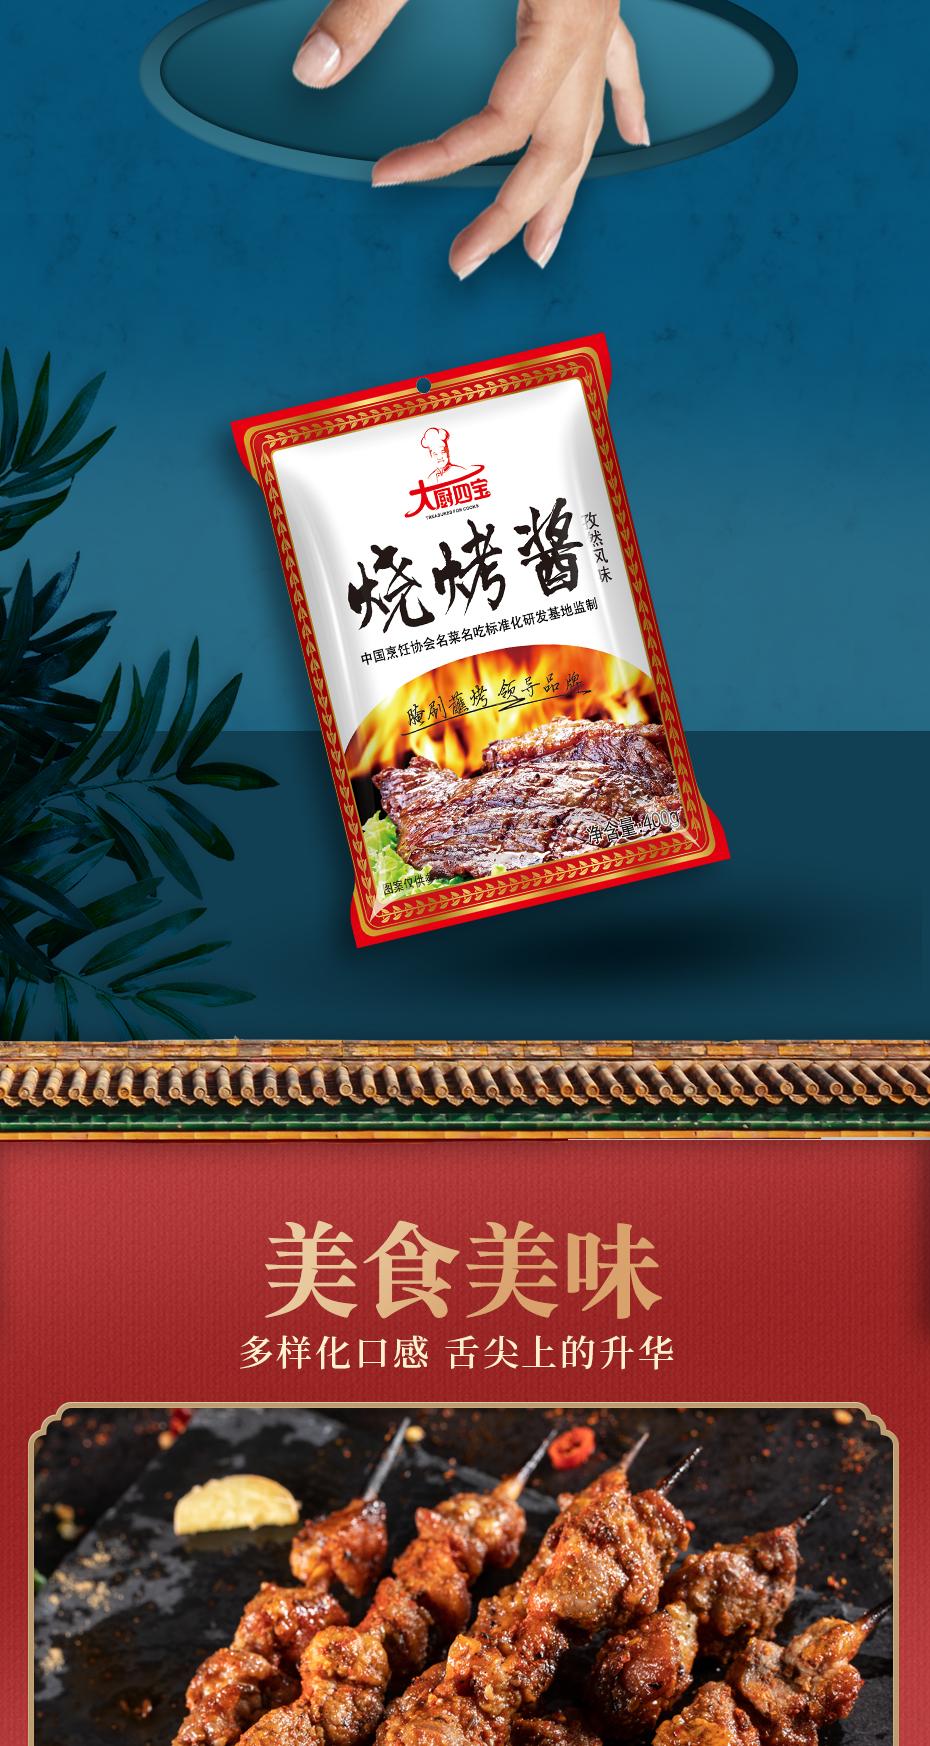 烧烤酱详情_07